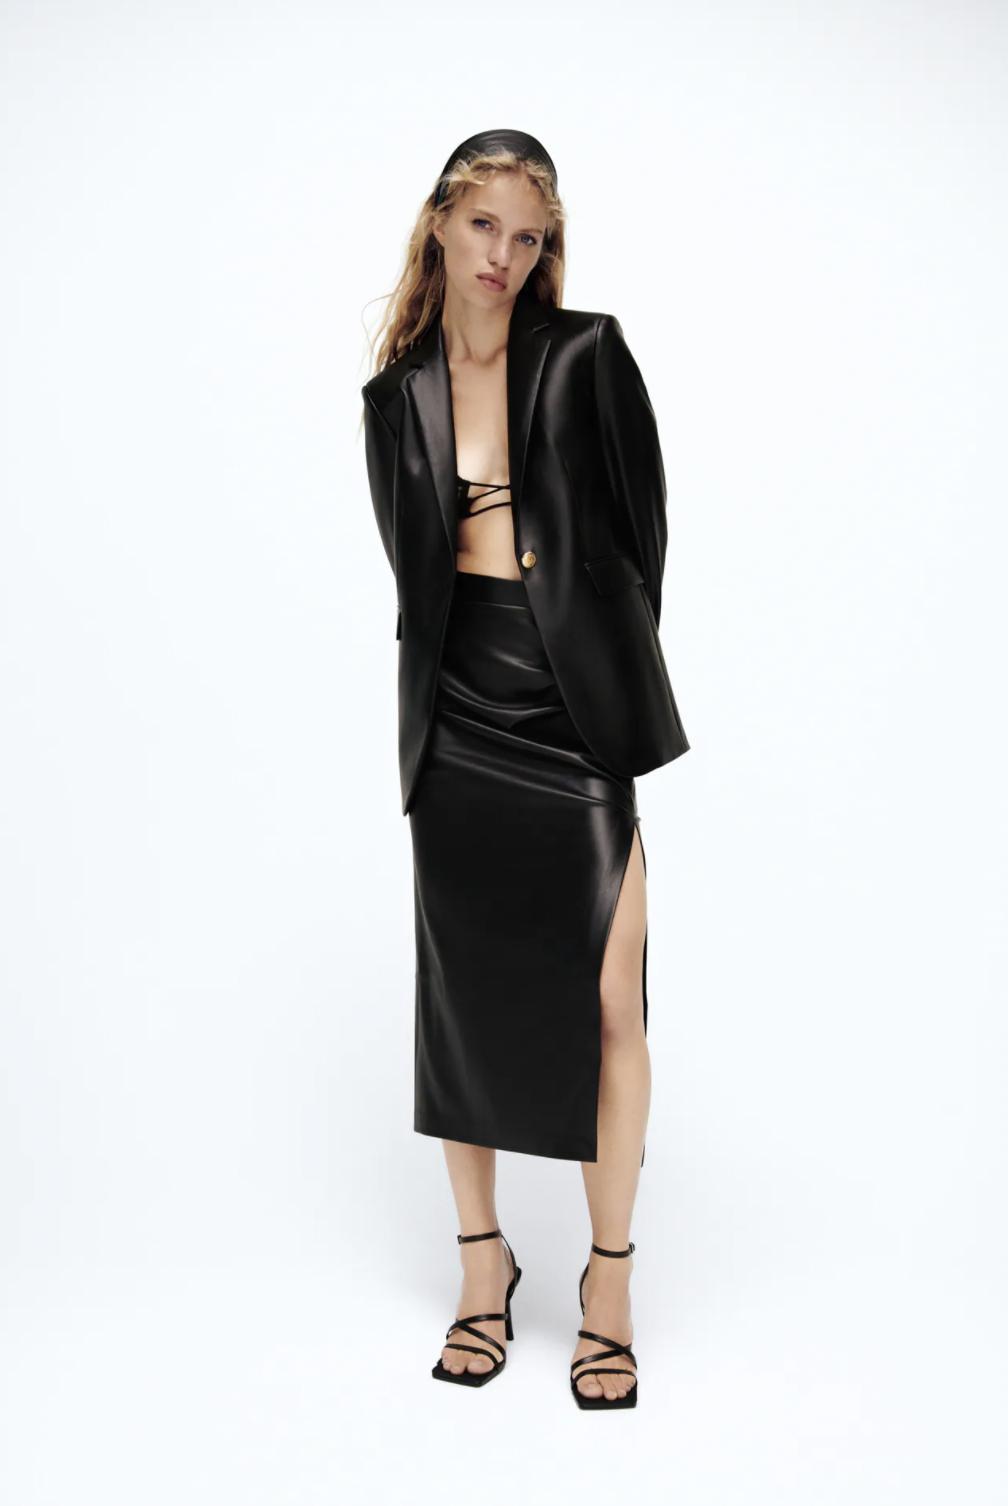 Las chaquetas efecto piel tienen poder para elevar cualquier look al instante